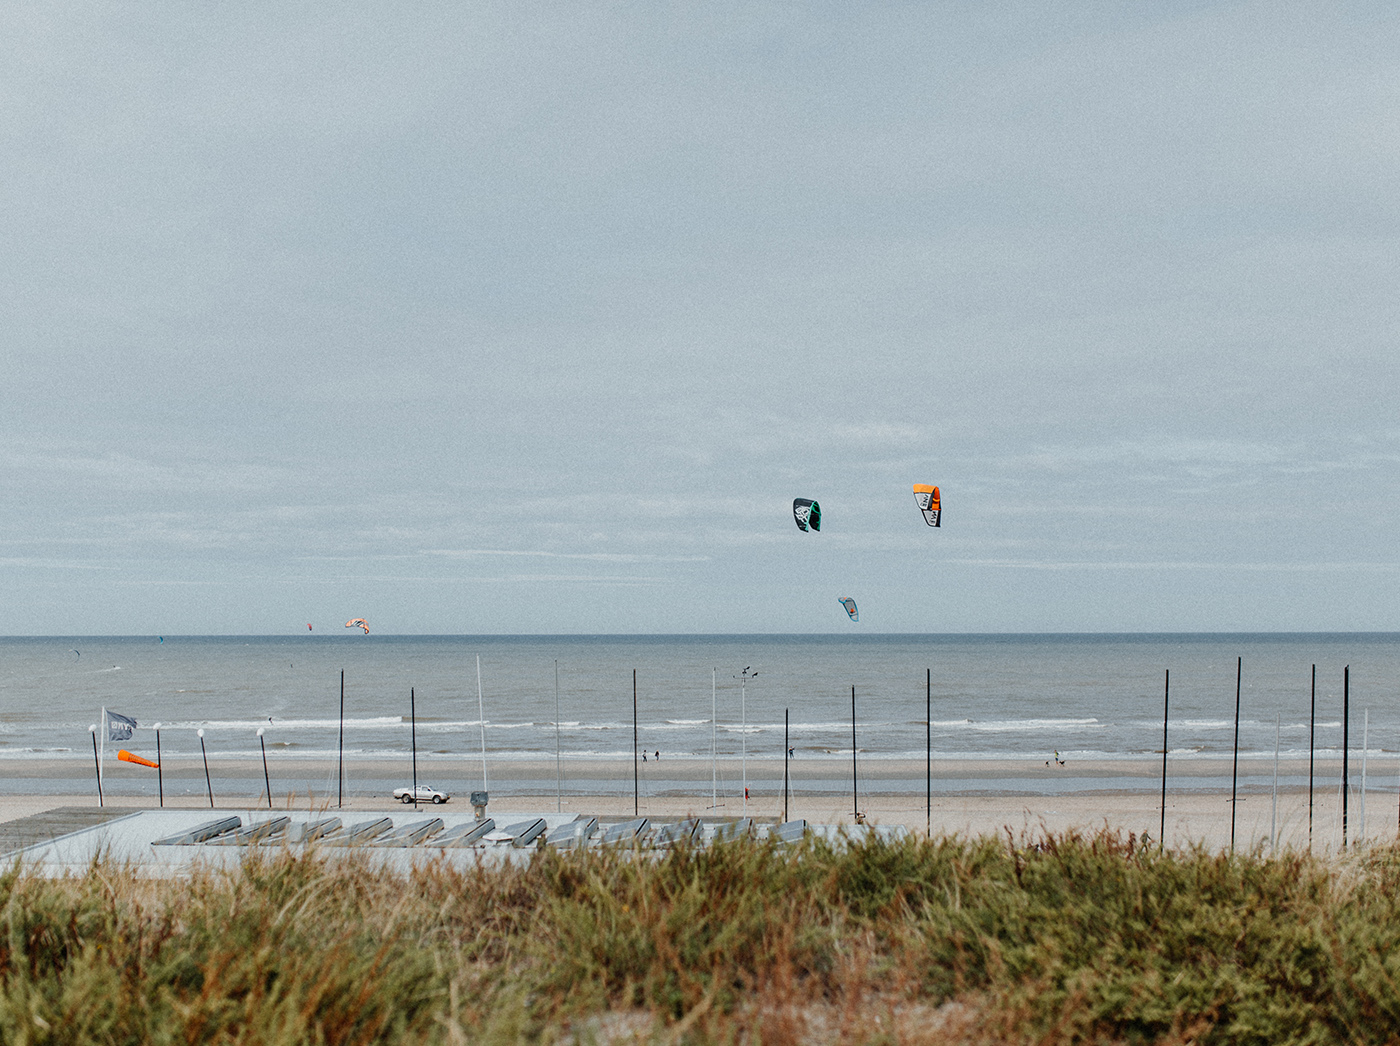 Traumanufaktur_Reisereportage_Niederlande_Zaandvoort_Urlaub_mit_Hund_29.jpg